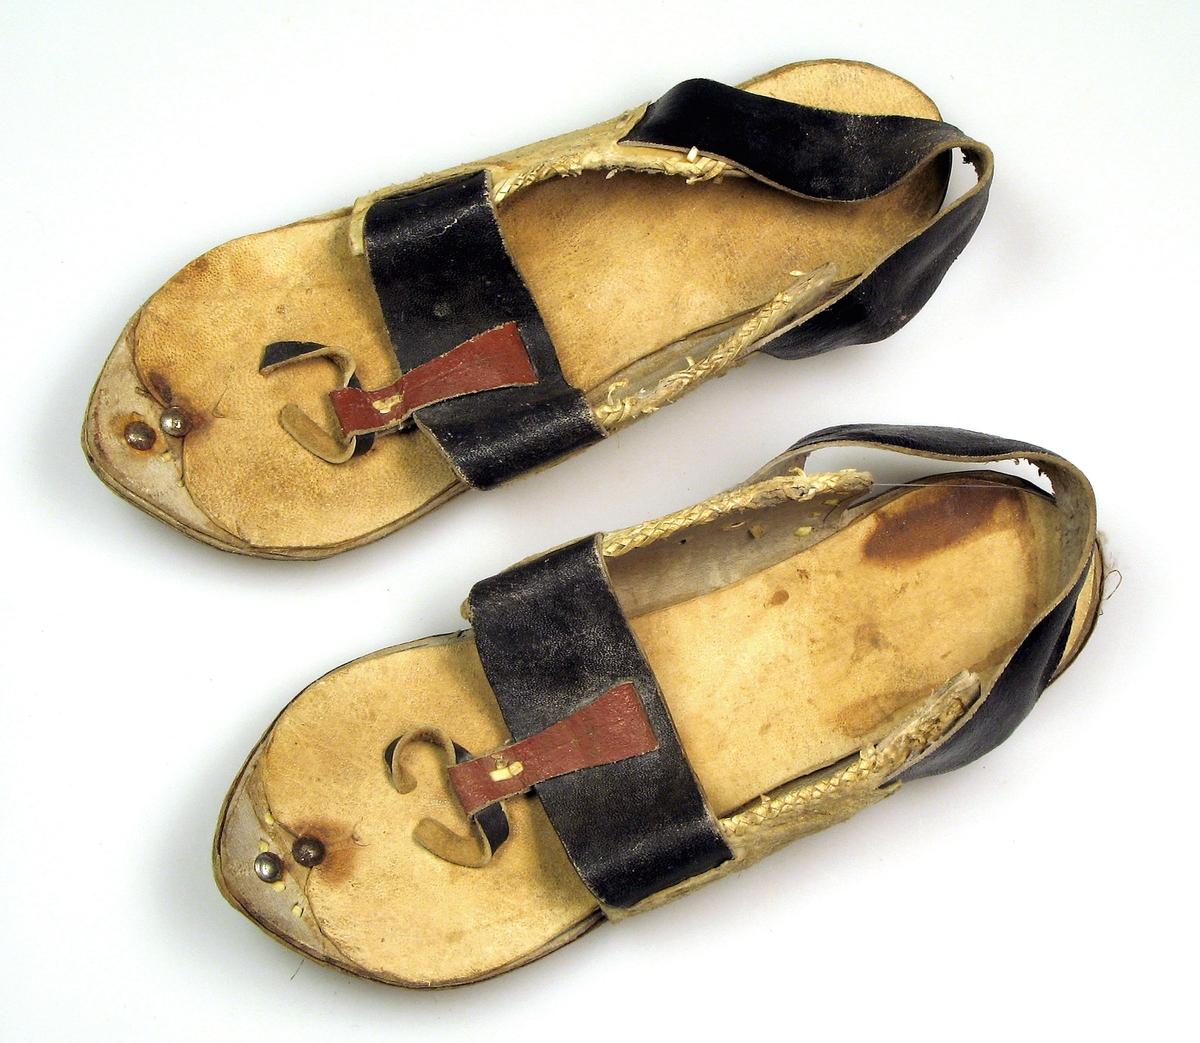 Sandaler, mannssko.